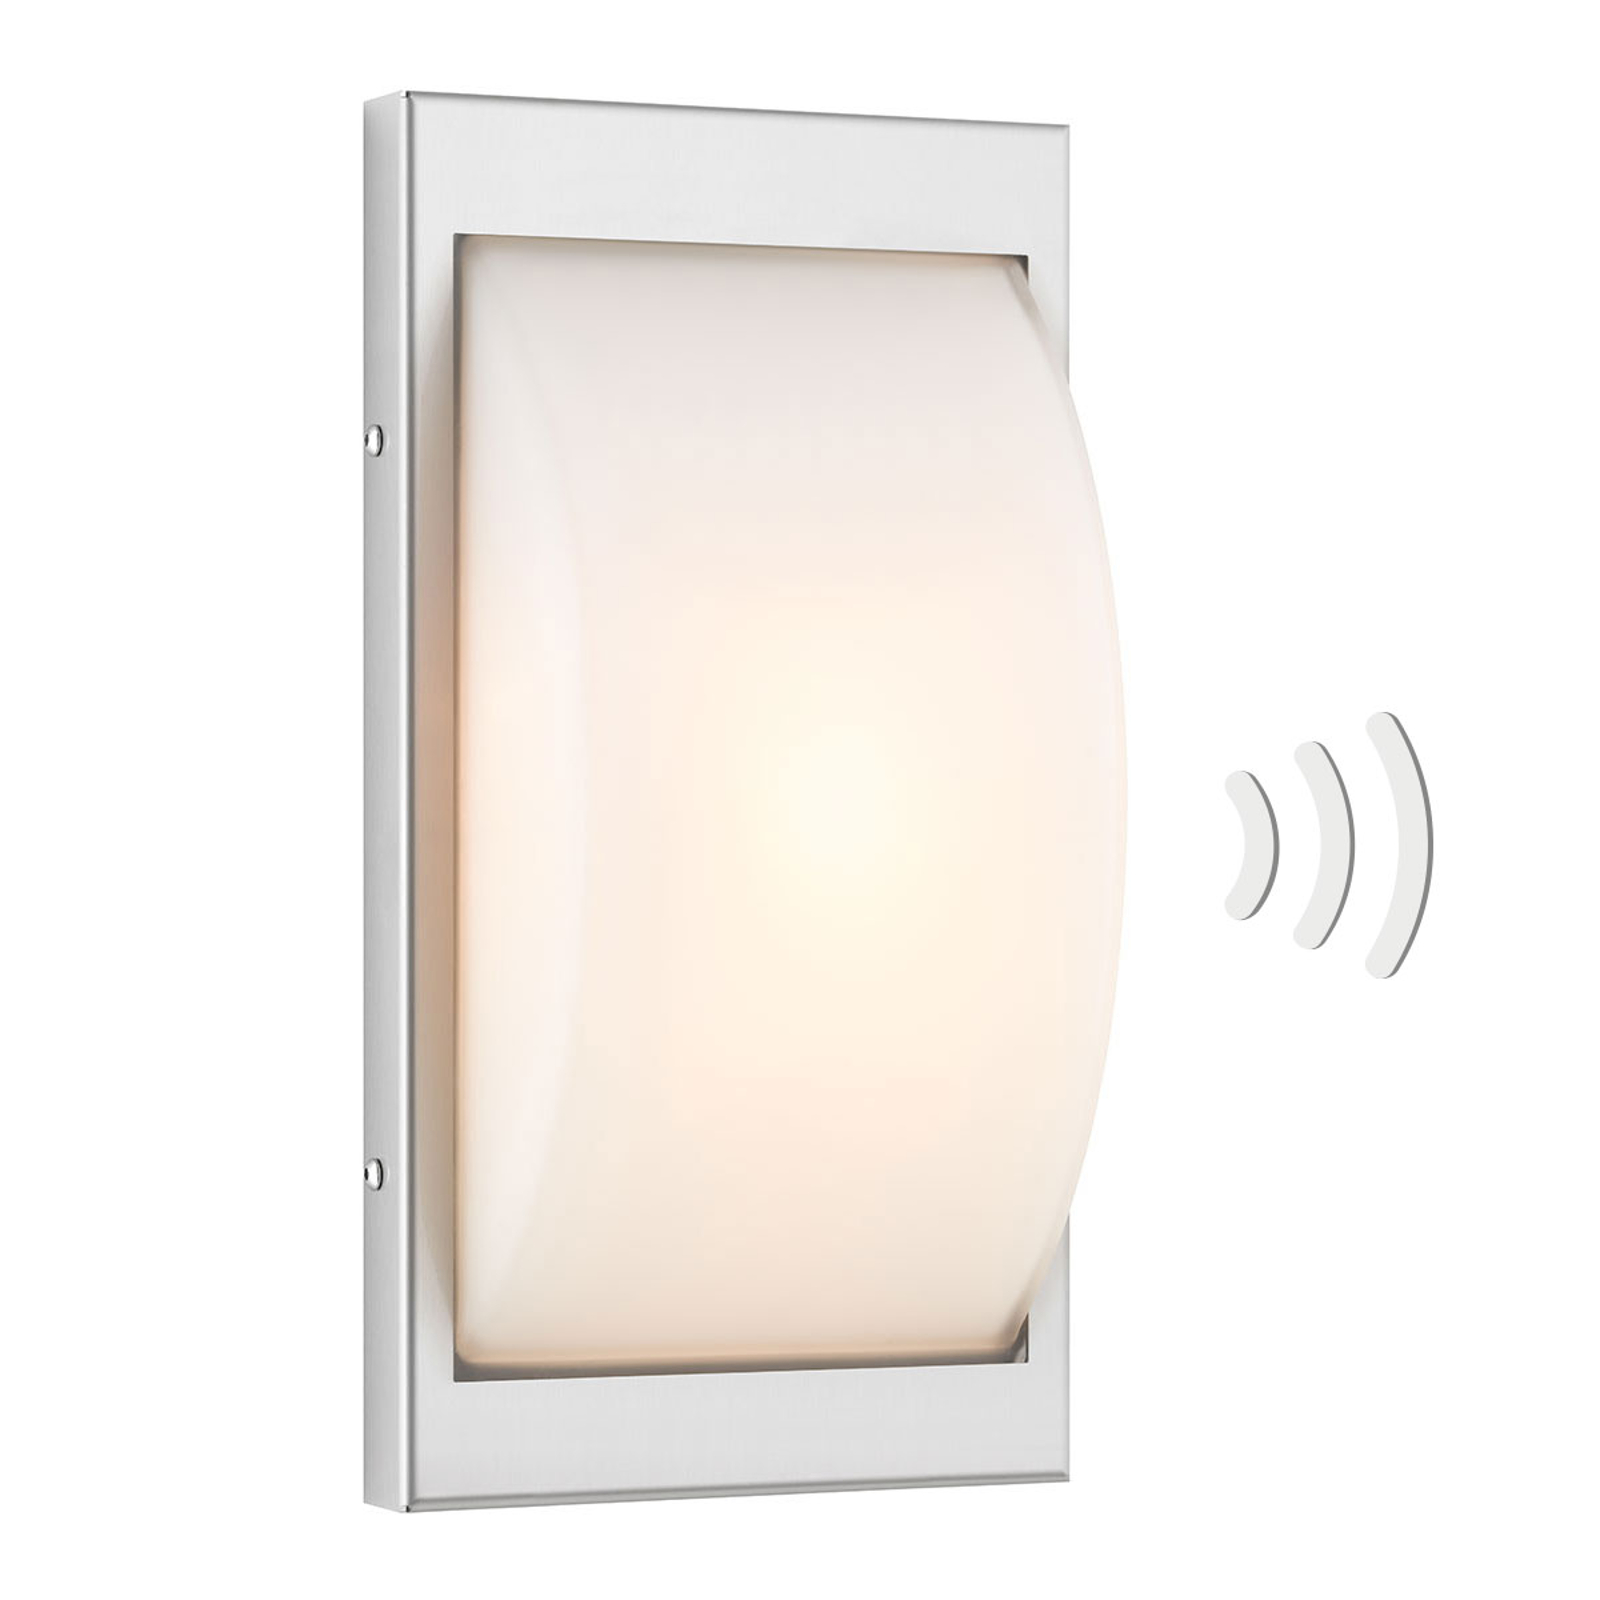 Sensor-buitenwandlamp 068SEN E27 roestvrij staal